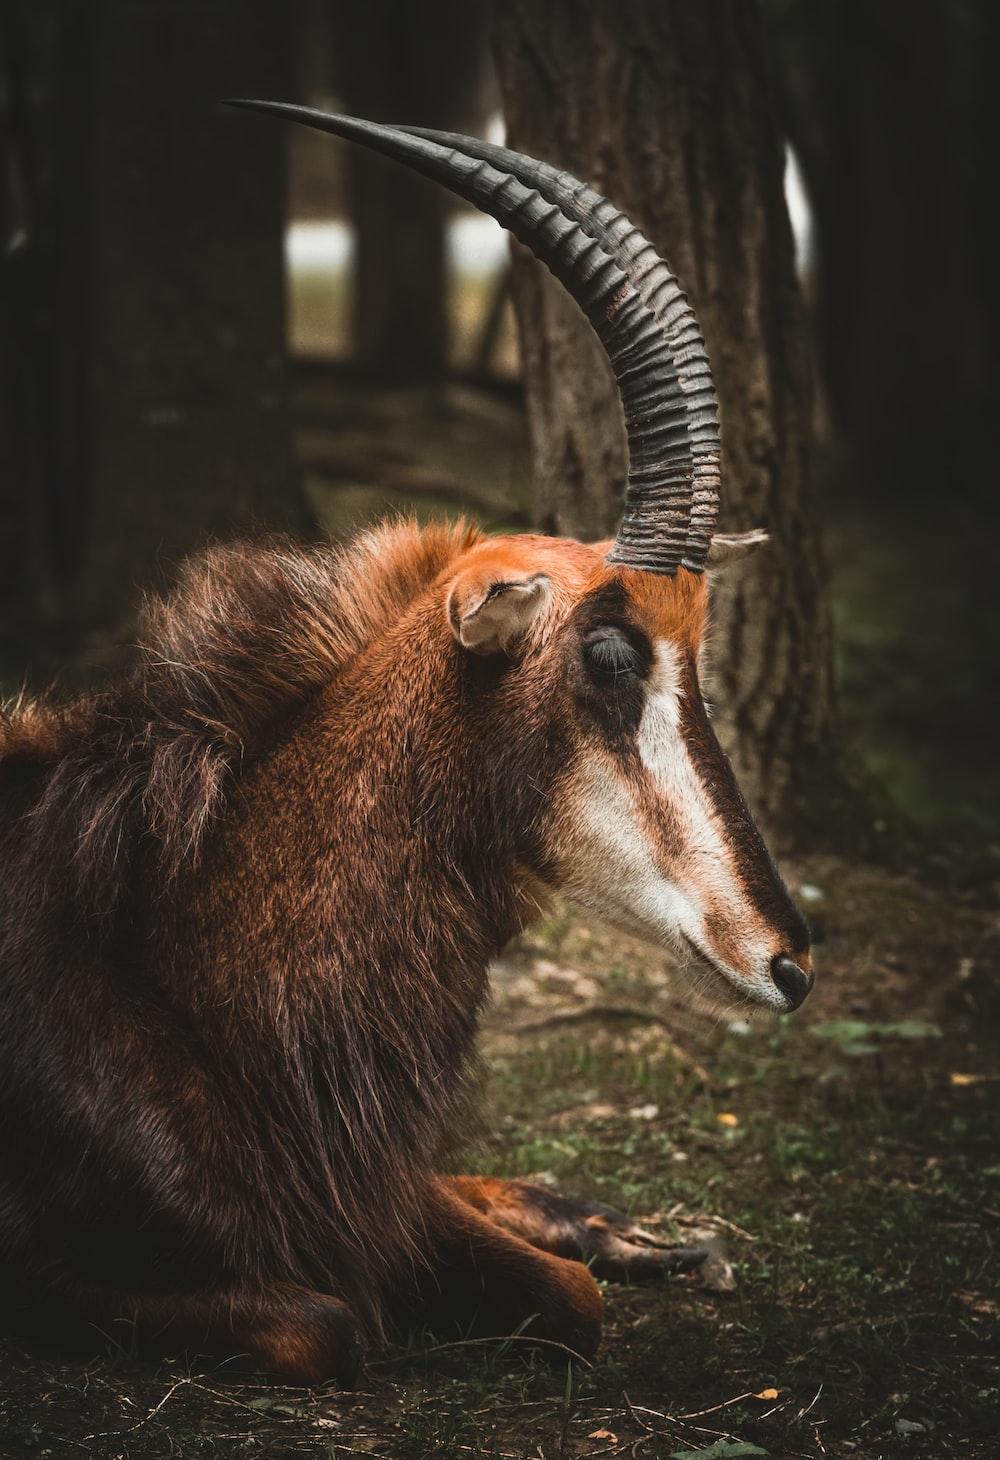 brown animal lying down